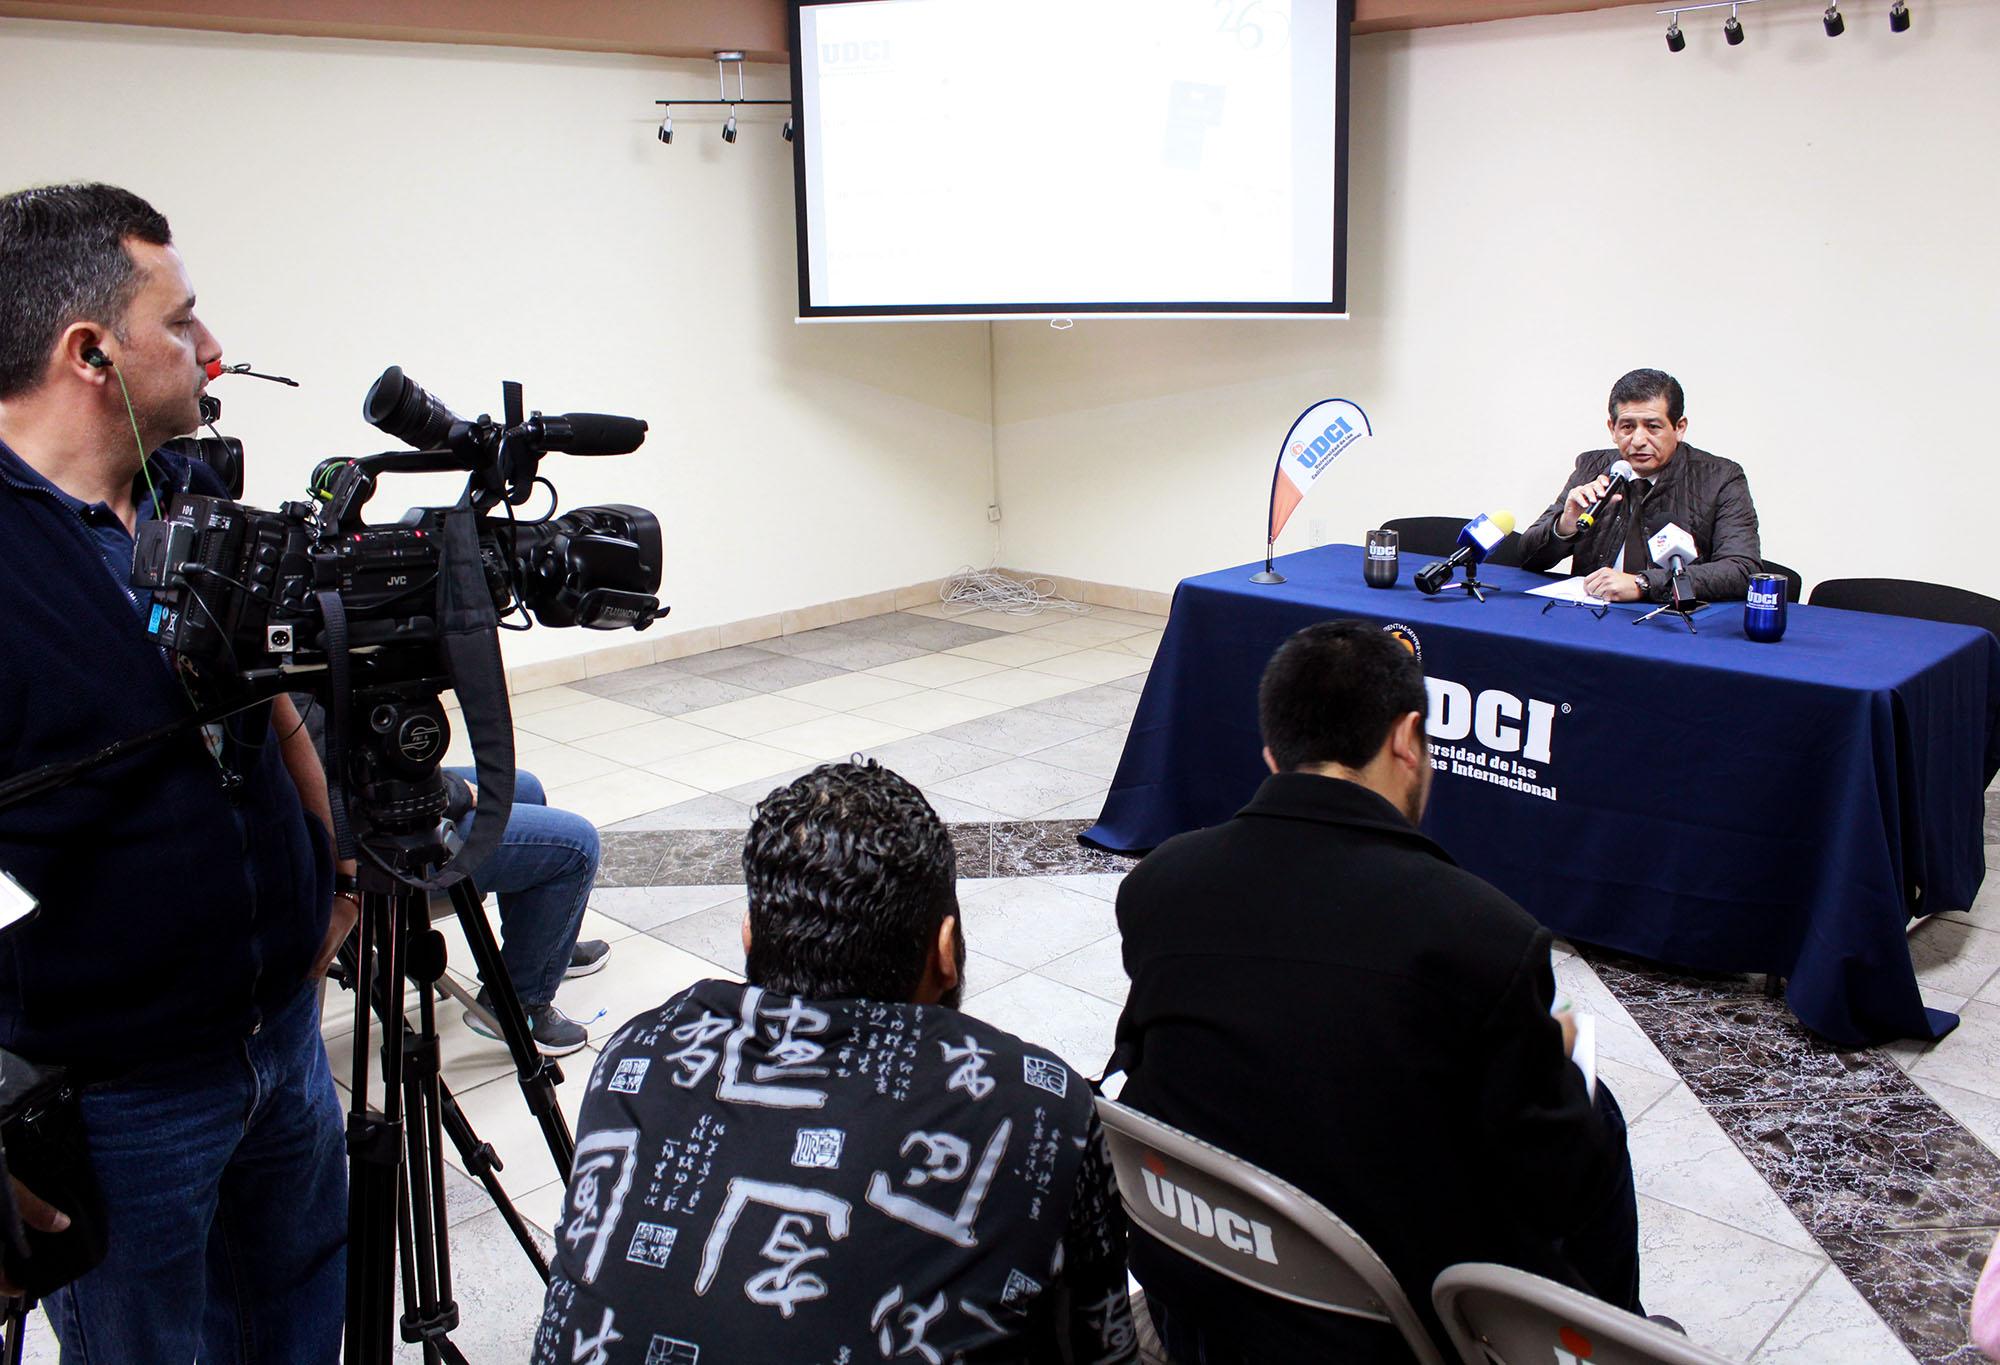 Crece UDCI como opción de educación superior en Baja California ...